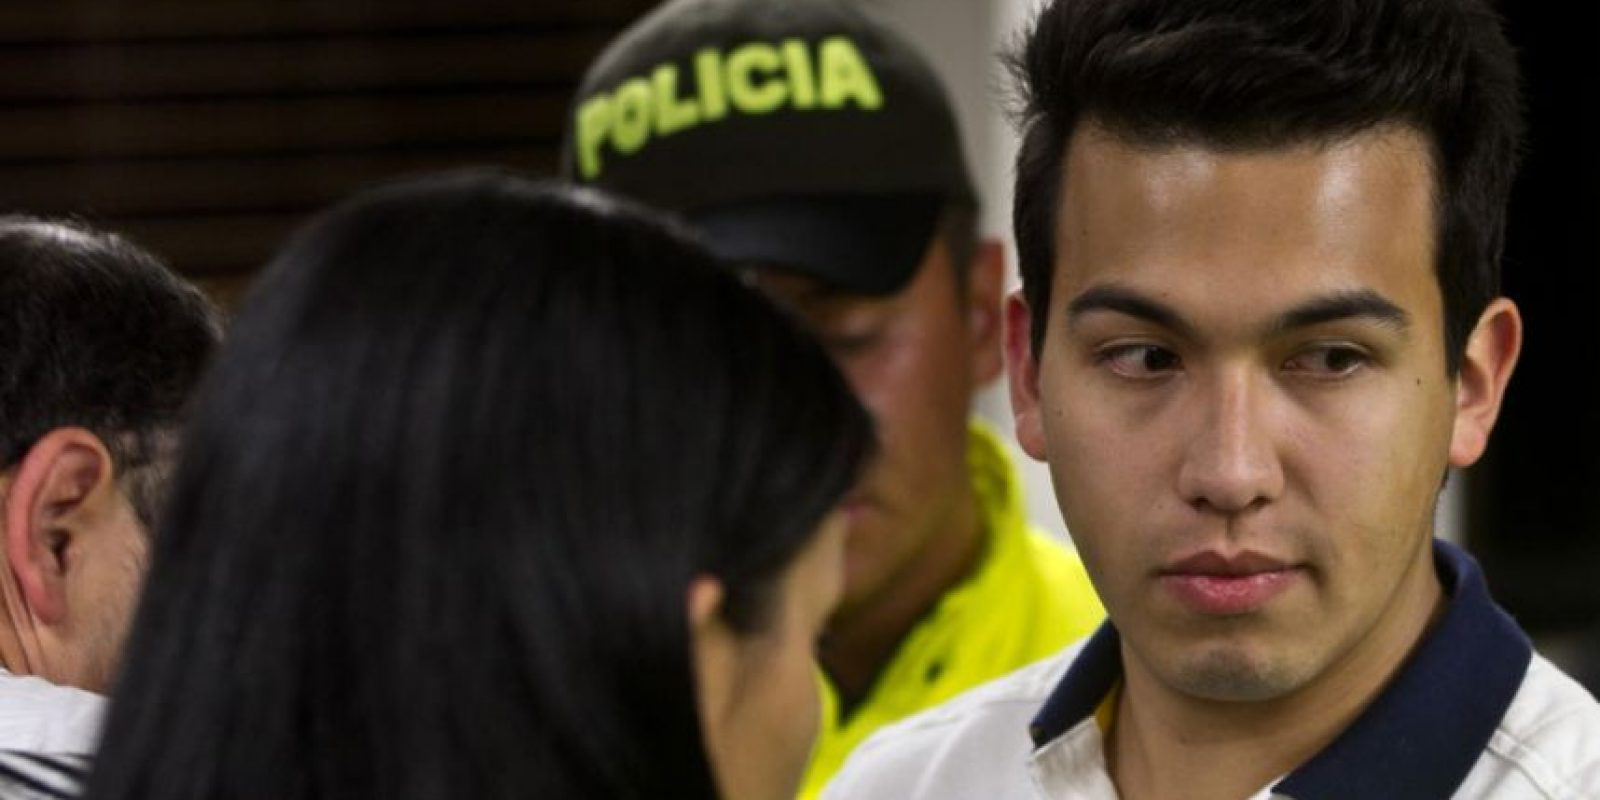 Carlos Cardenas es otro de los protagonistas de la novela Colmenares. El joven fue acusado de ser el autor material del asesinato de Luis Andrés, pero por falta de pruebas fue dejado en libertad. Foto:Captura de pantalla